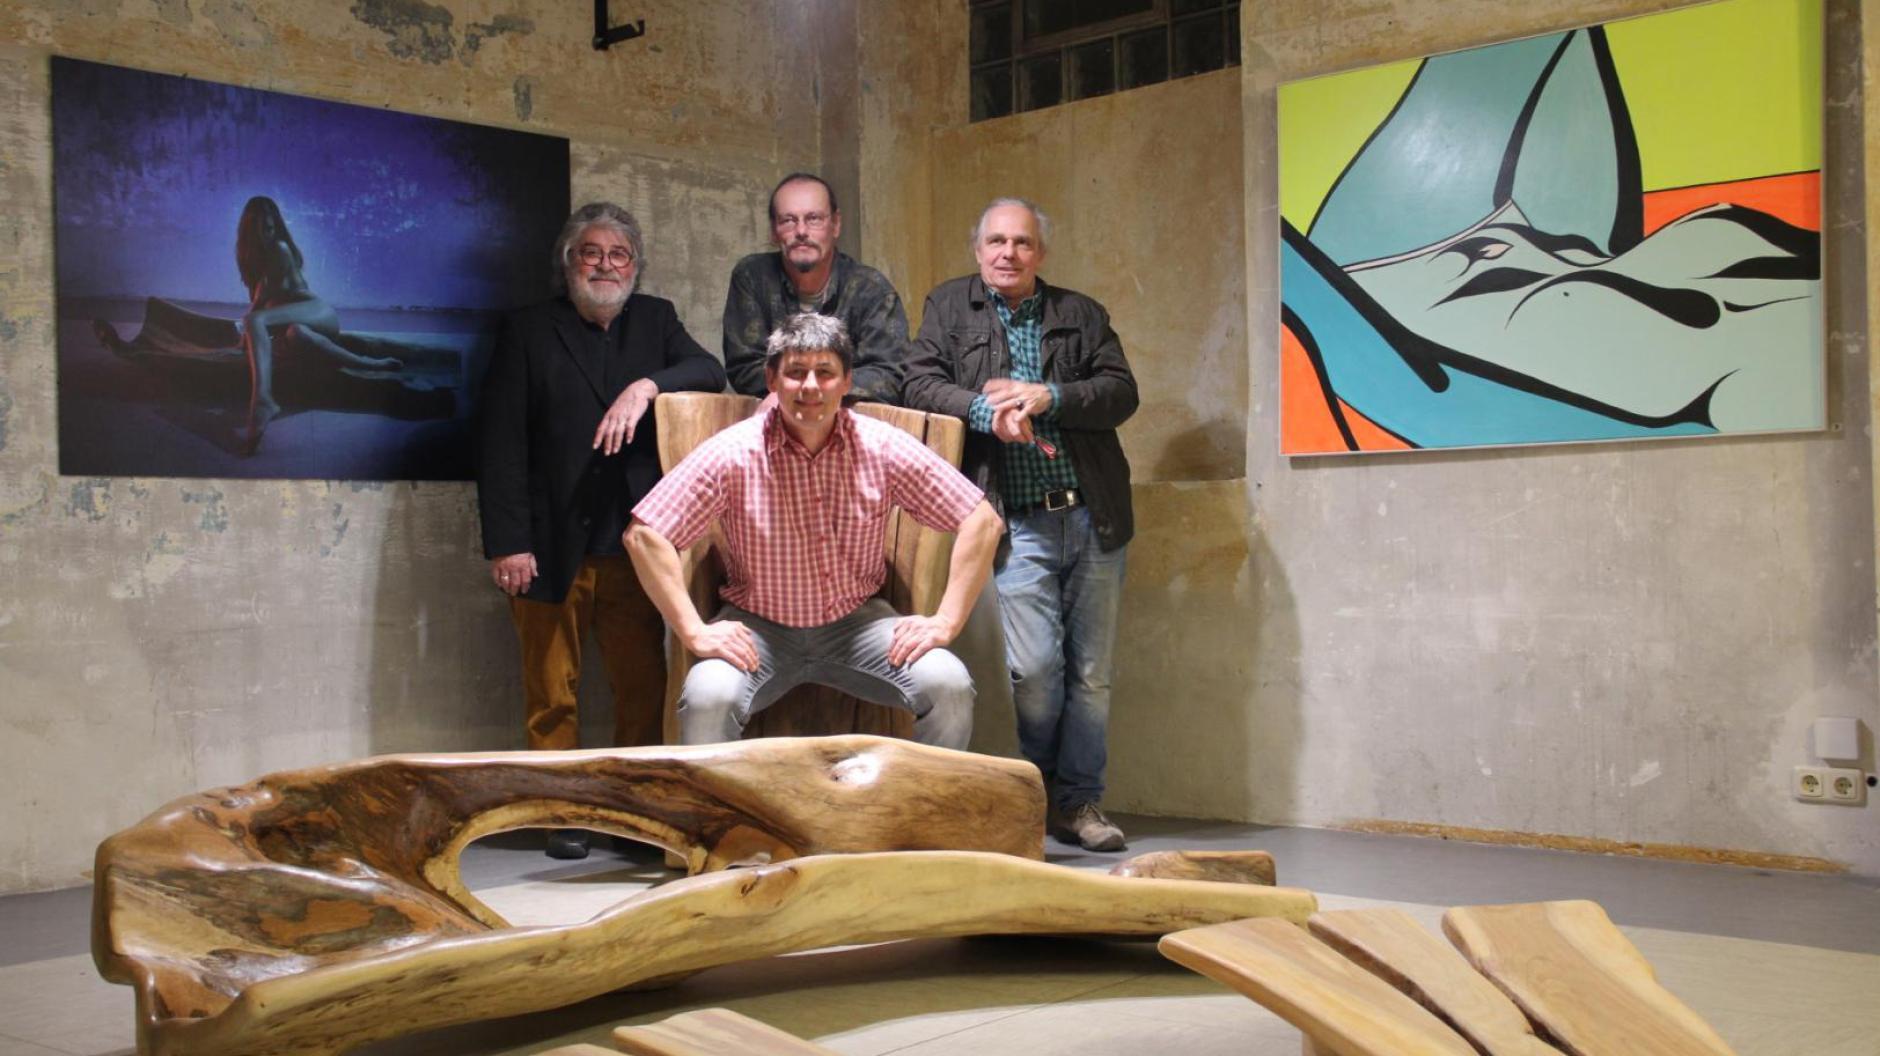 Ausstellung: Drei Künstler, ein Modell, viele Kunstwerke